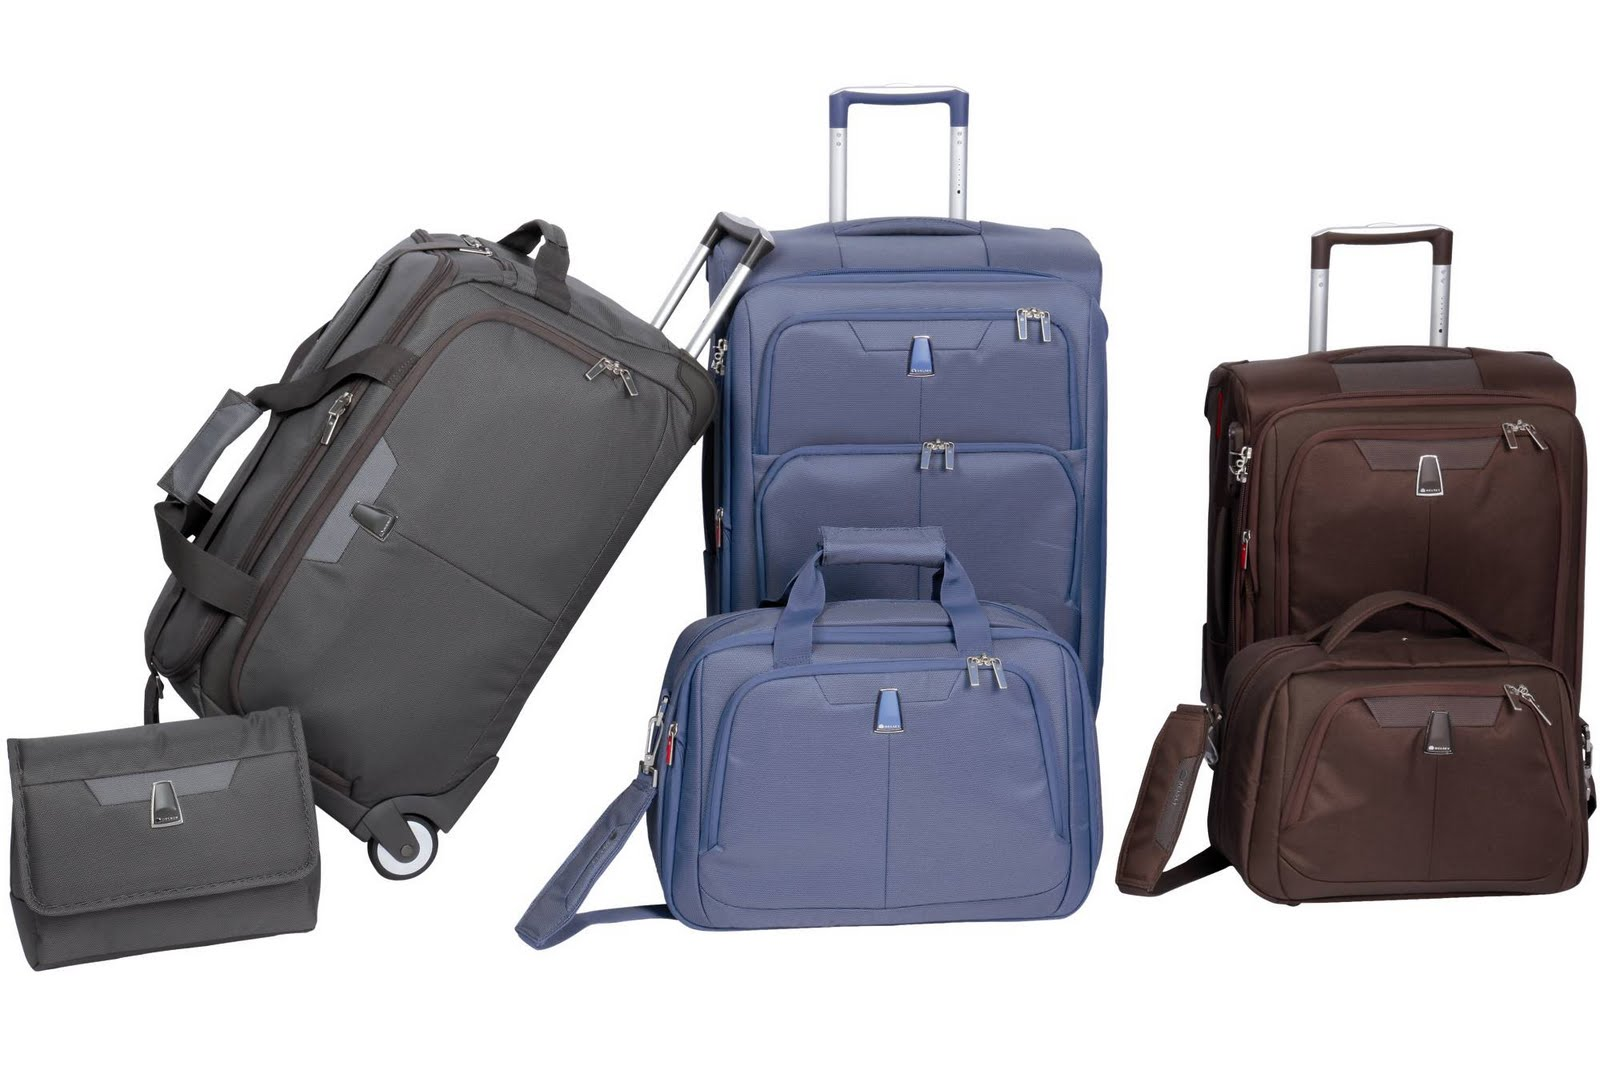 Как выбрать сумки, клатчи и дорожные принадлежности